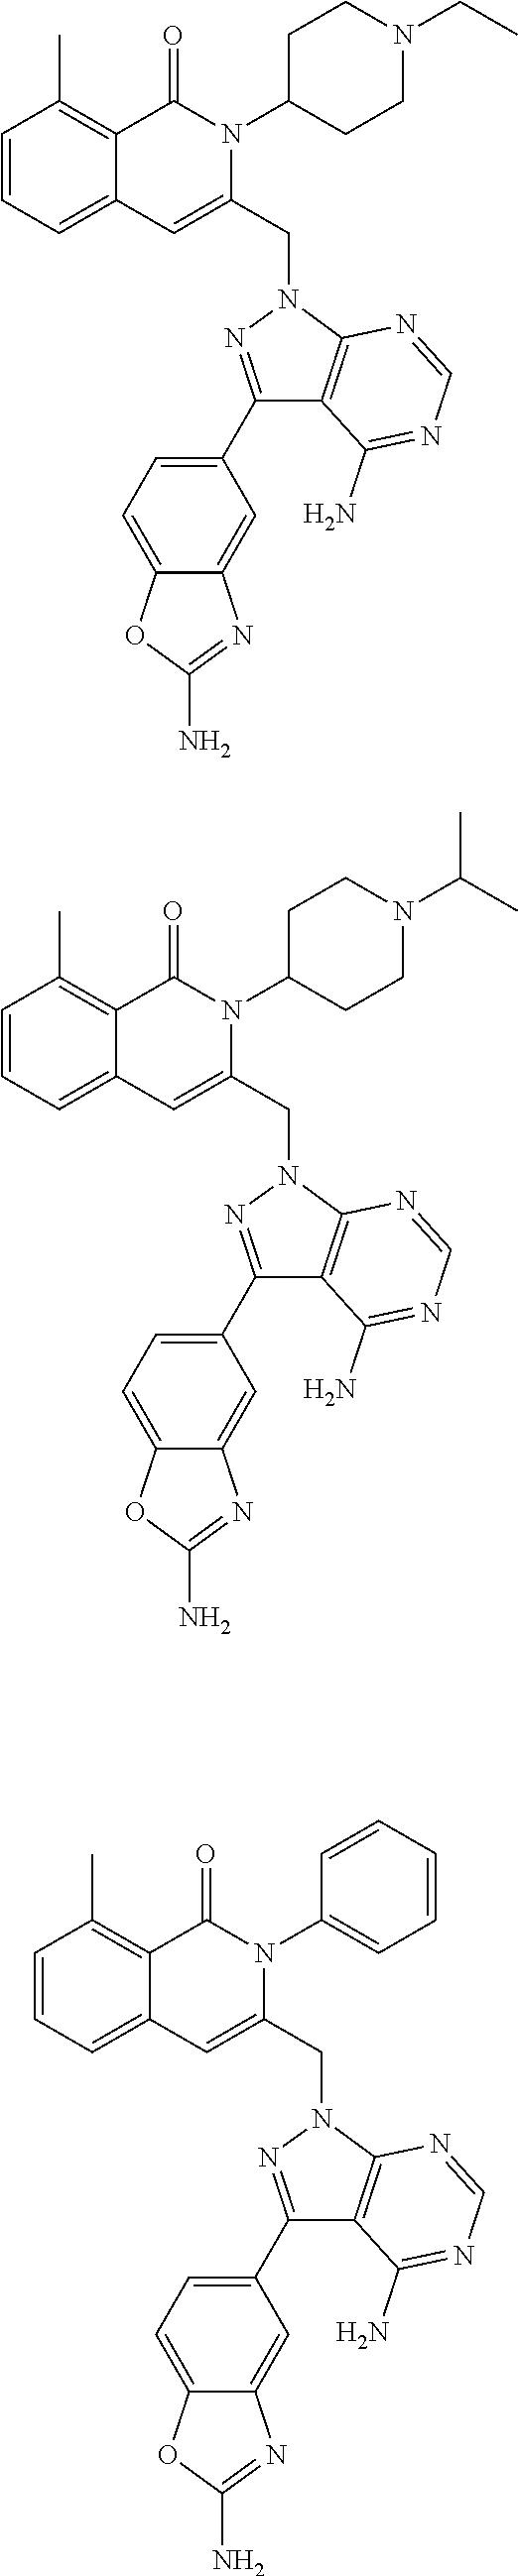 Figure US20110046165A1-20110224-C00337